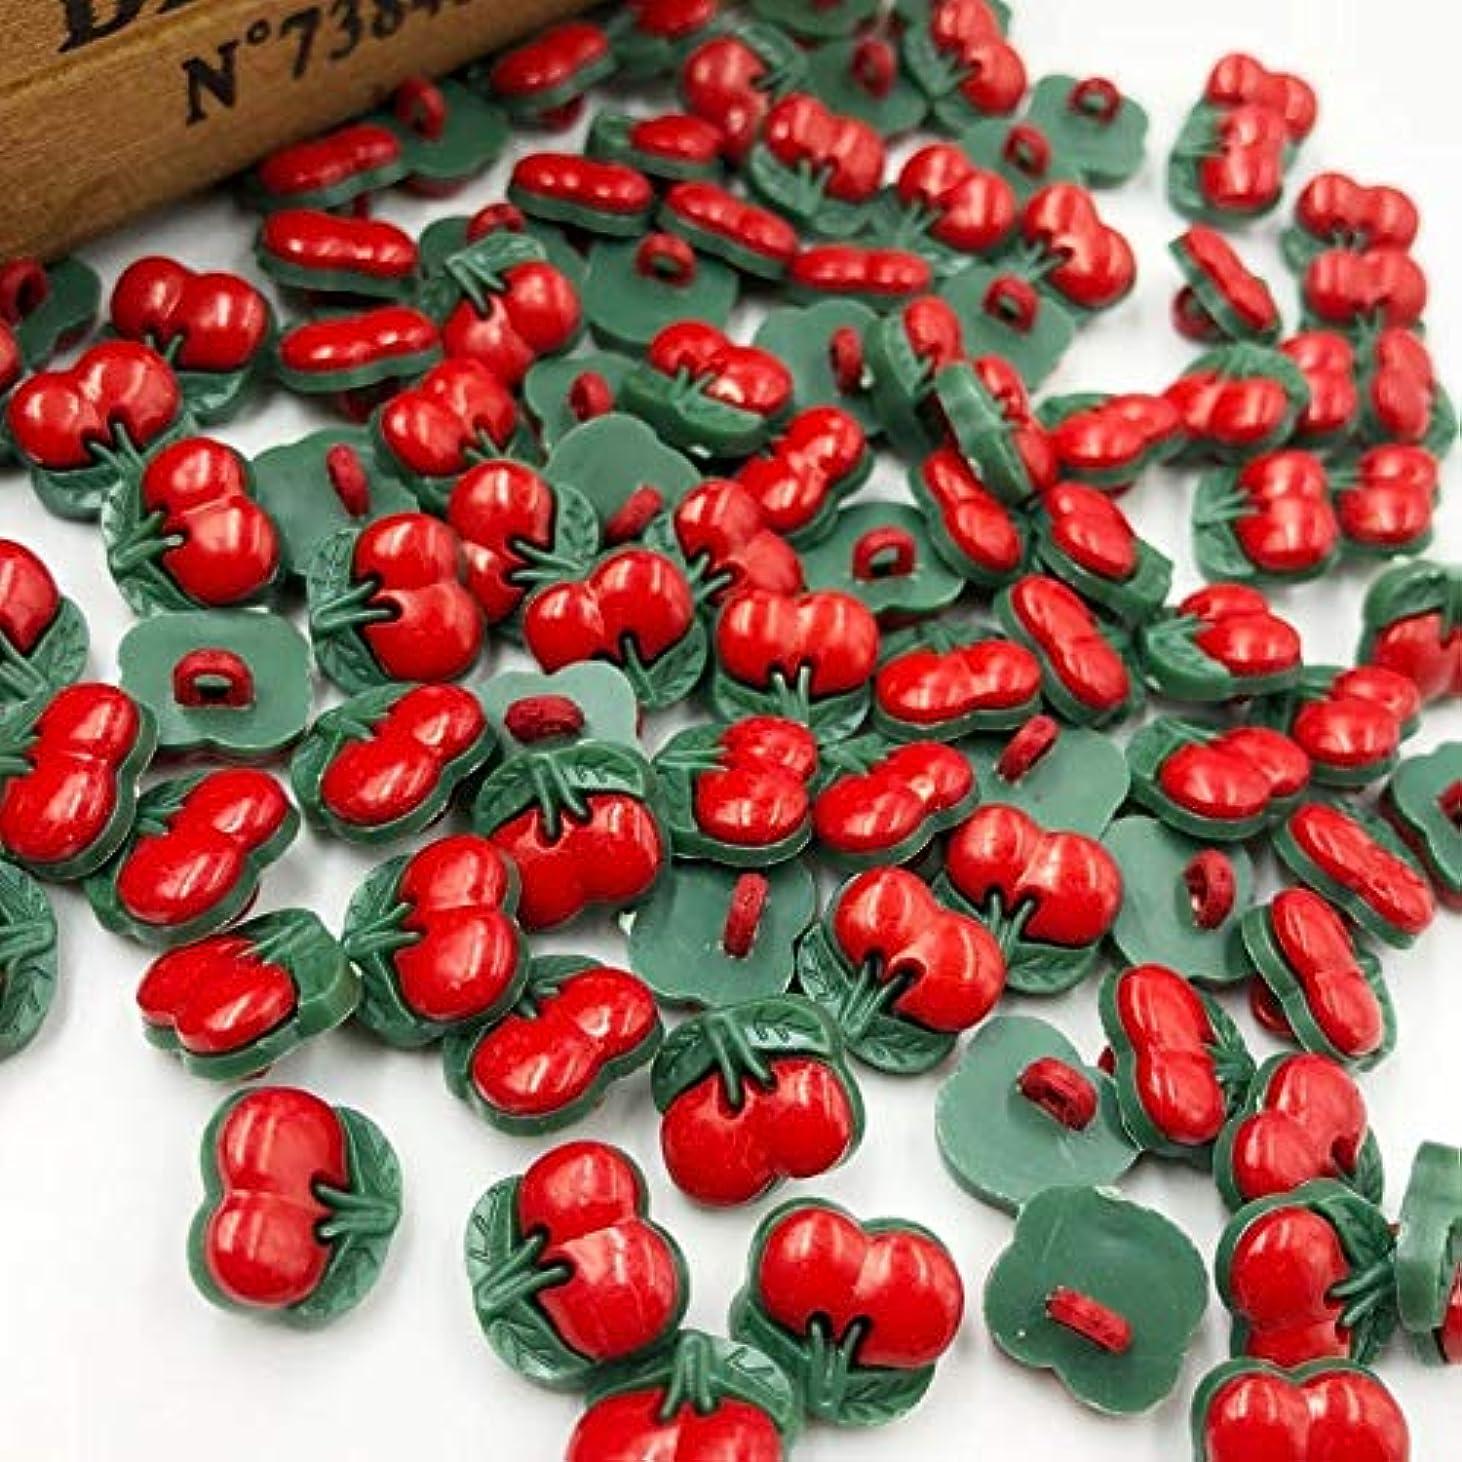 一致するギャング困惑Jicorzo - U選ぶレッドチェリープラスチックボタン縫製ボタンDIY工芸[50個]